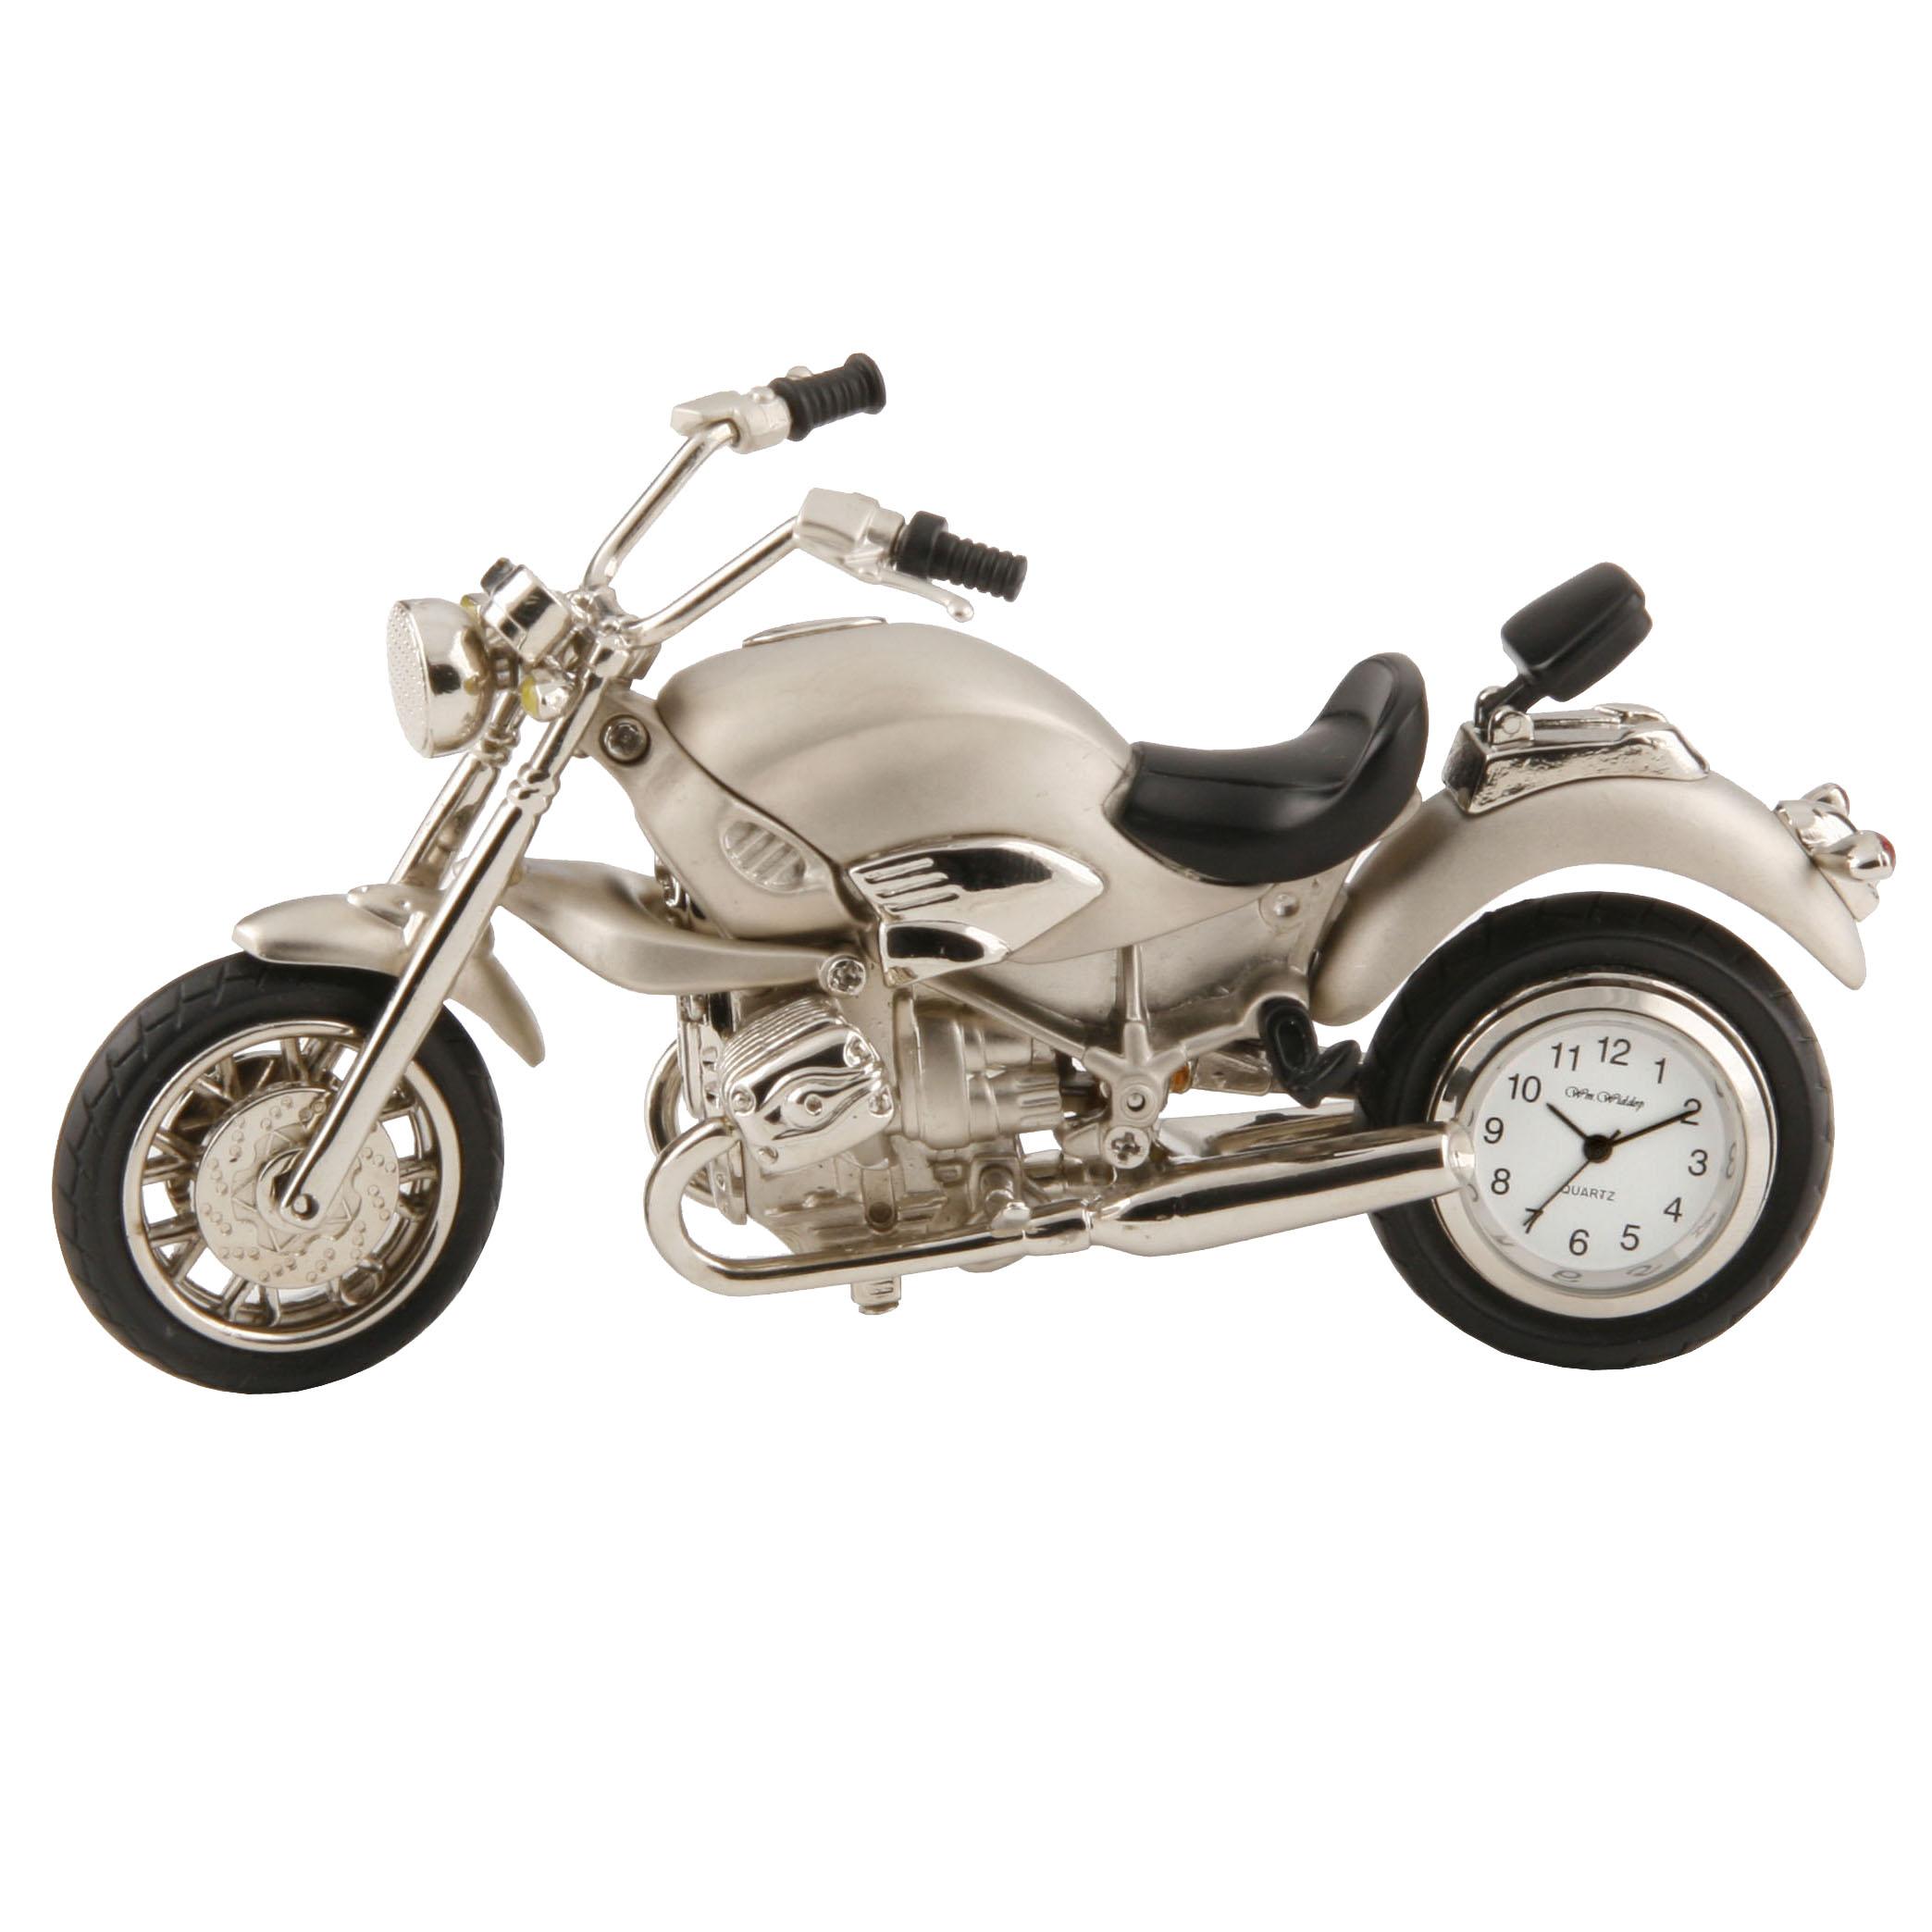 die silberne schreibtischuhr motorrad chopper miniaturuhr versilbert ebay. Black Bedroom Furniture Sets. Home Design Ideas